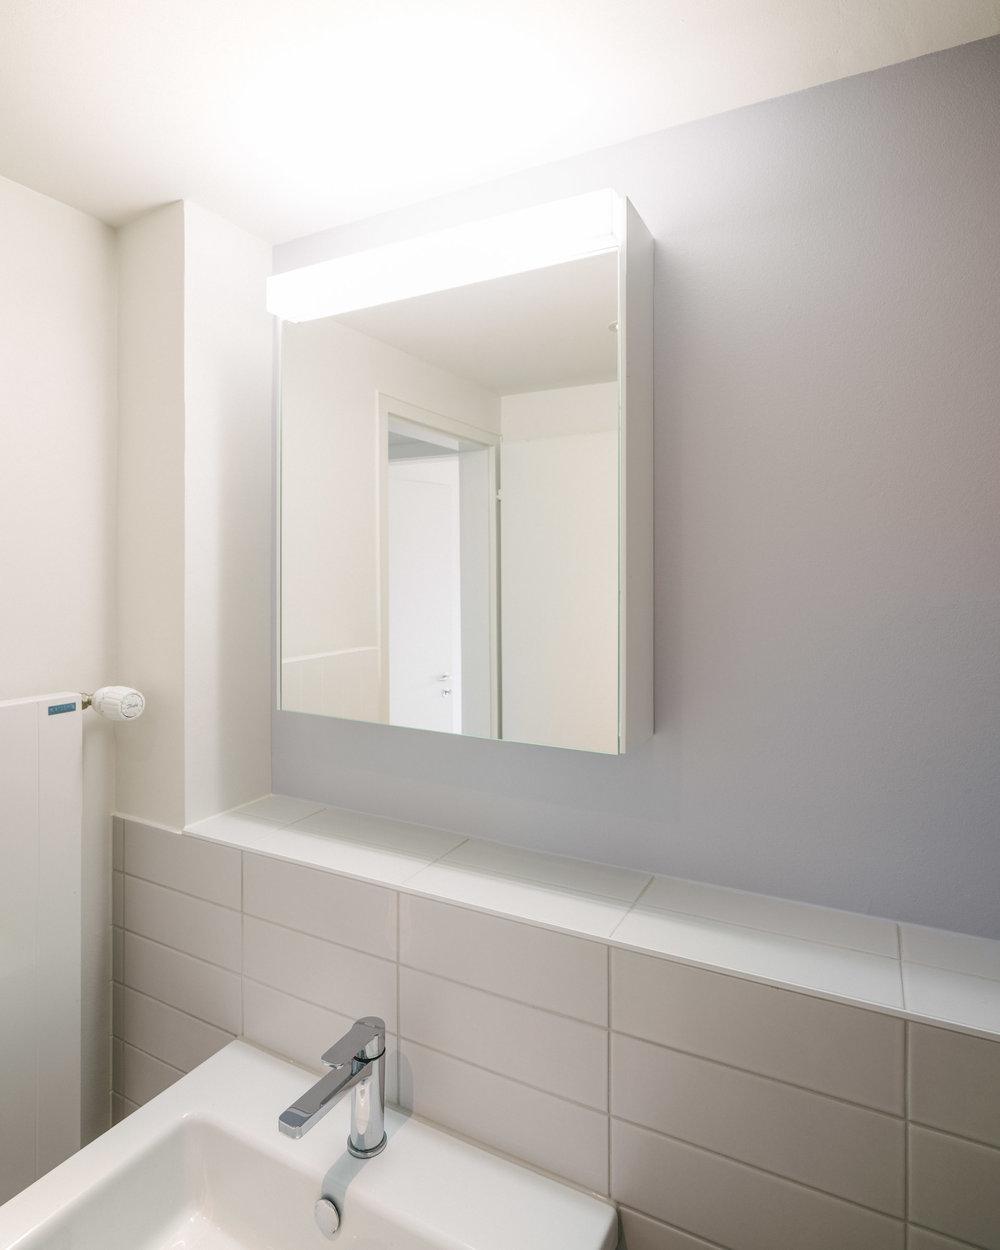 Innensanierung Spiegelkasten Basel, Consilium Architektur und Baumanagement